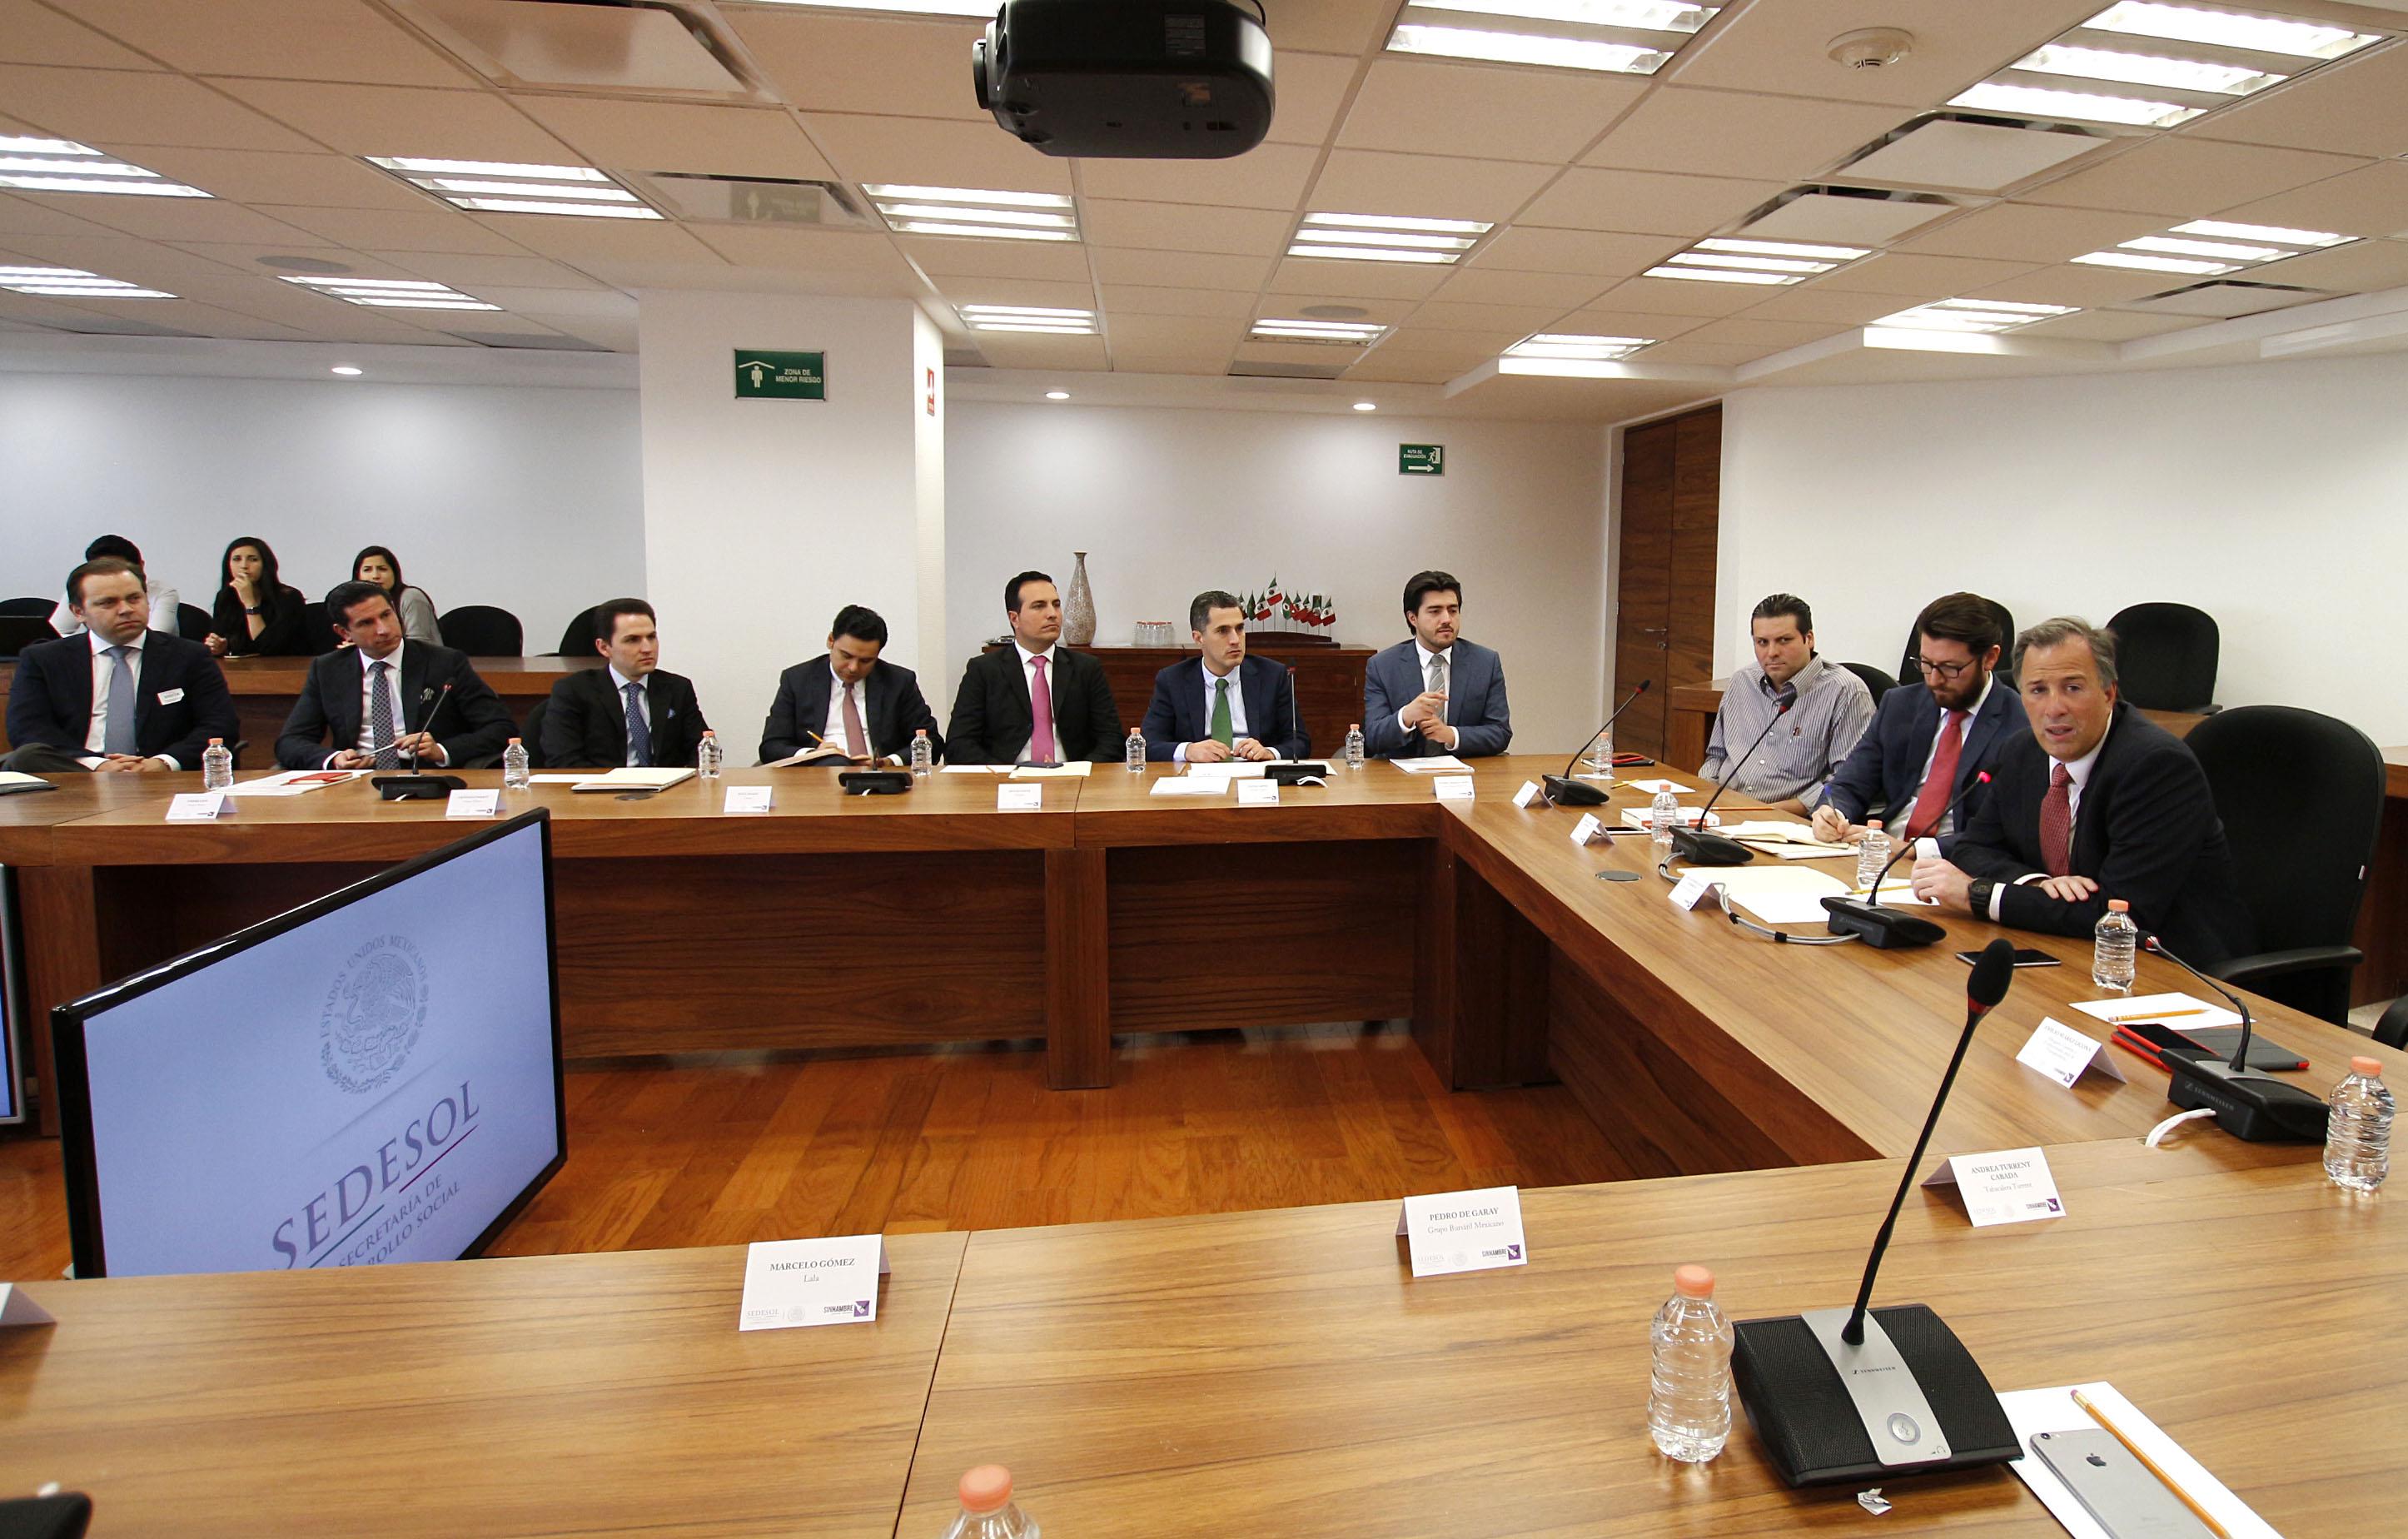 FOTO 2 El secretario de Desarrollo Social se reuni  con j venes empresarios para invitarlos a unirse a las tareas para abatir la pobrezajpg